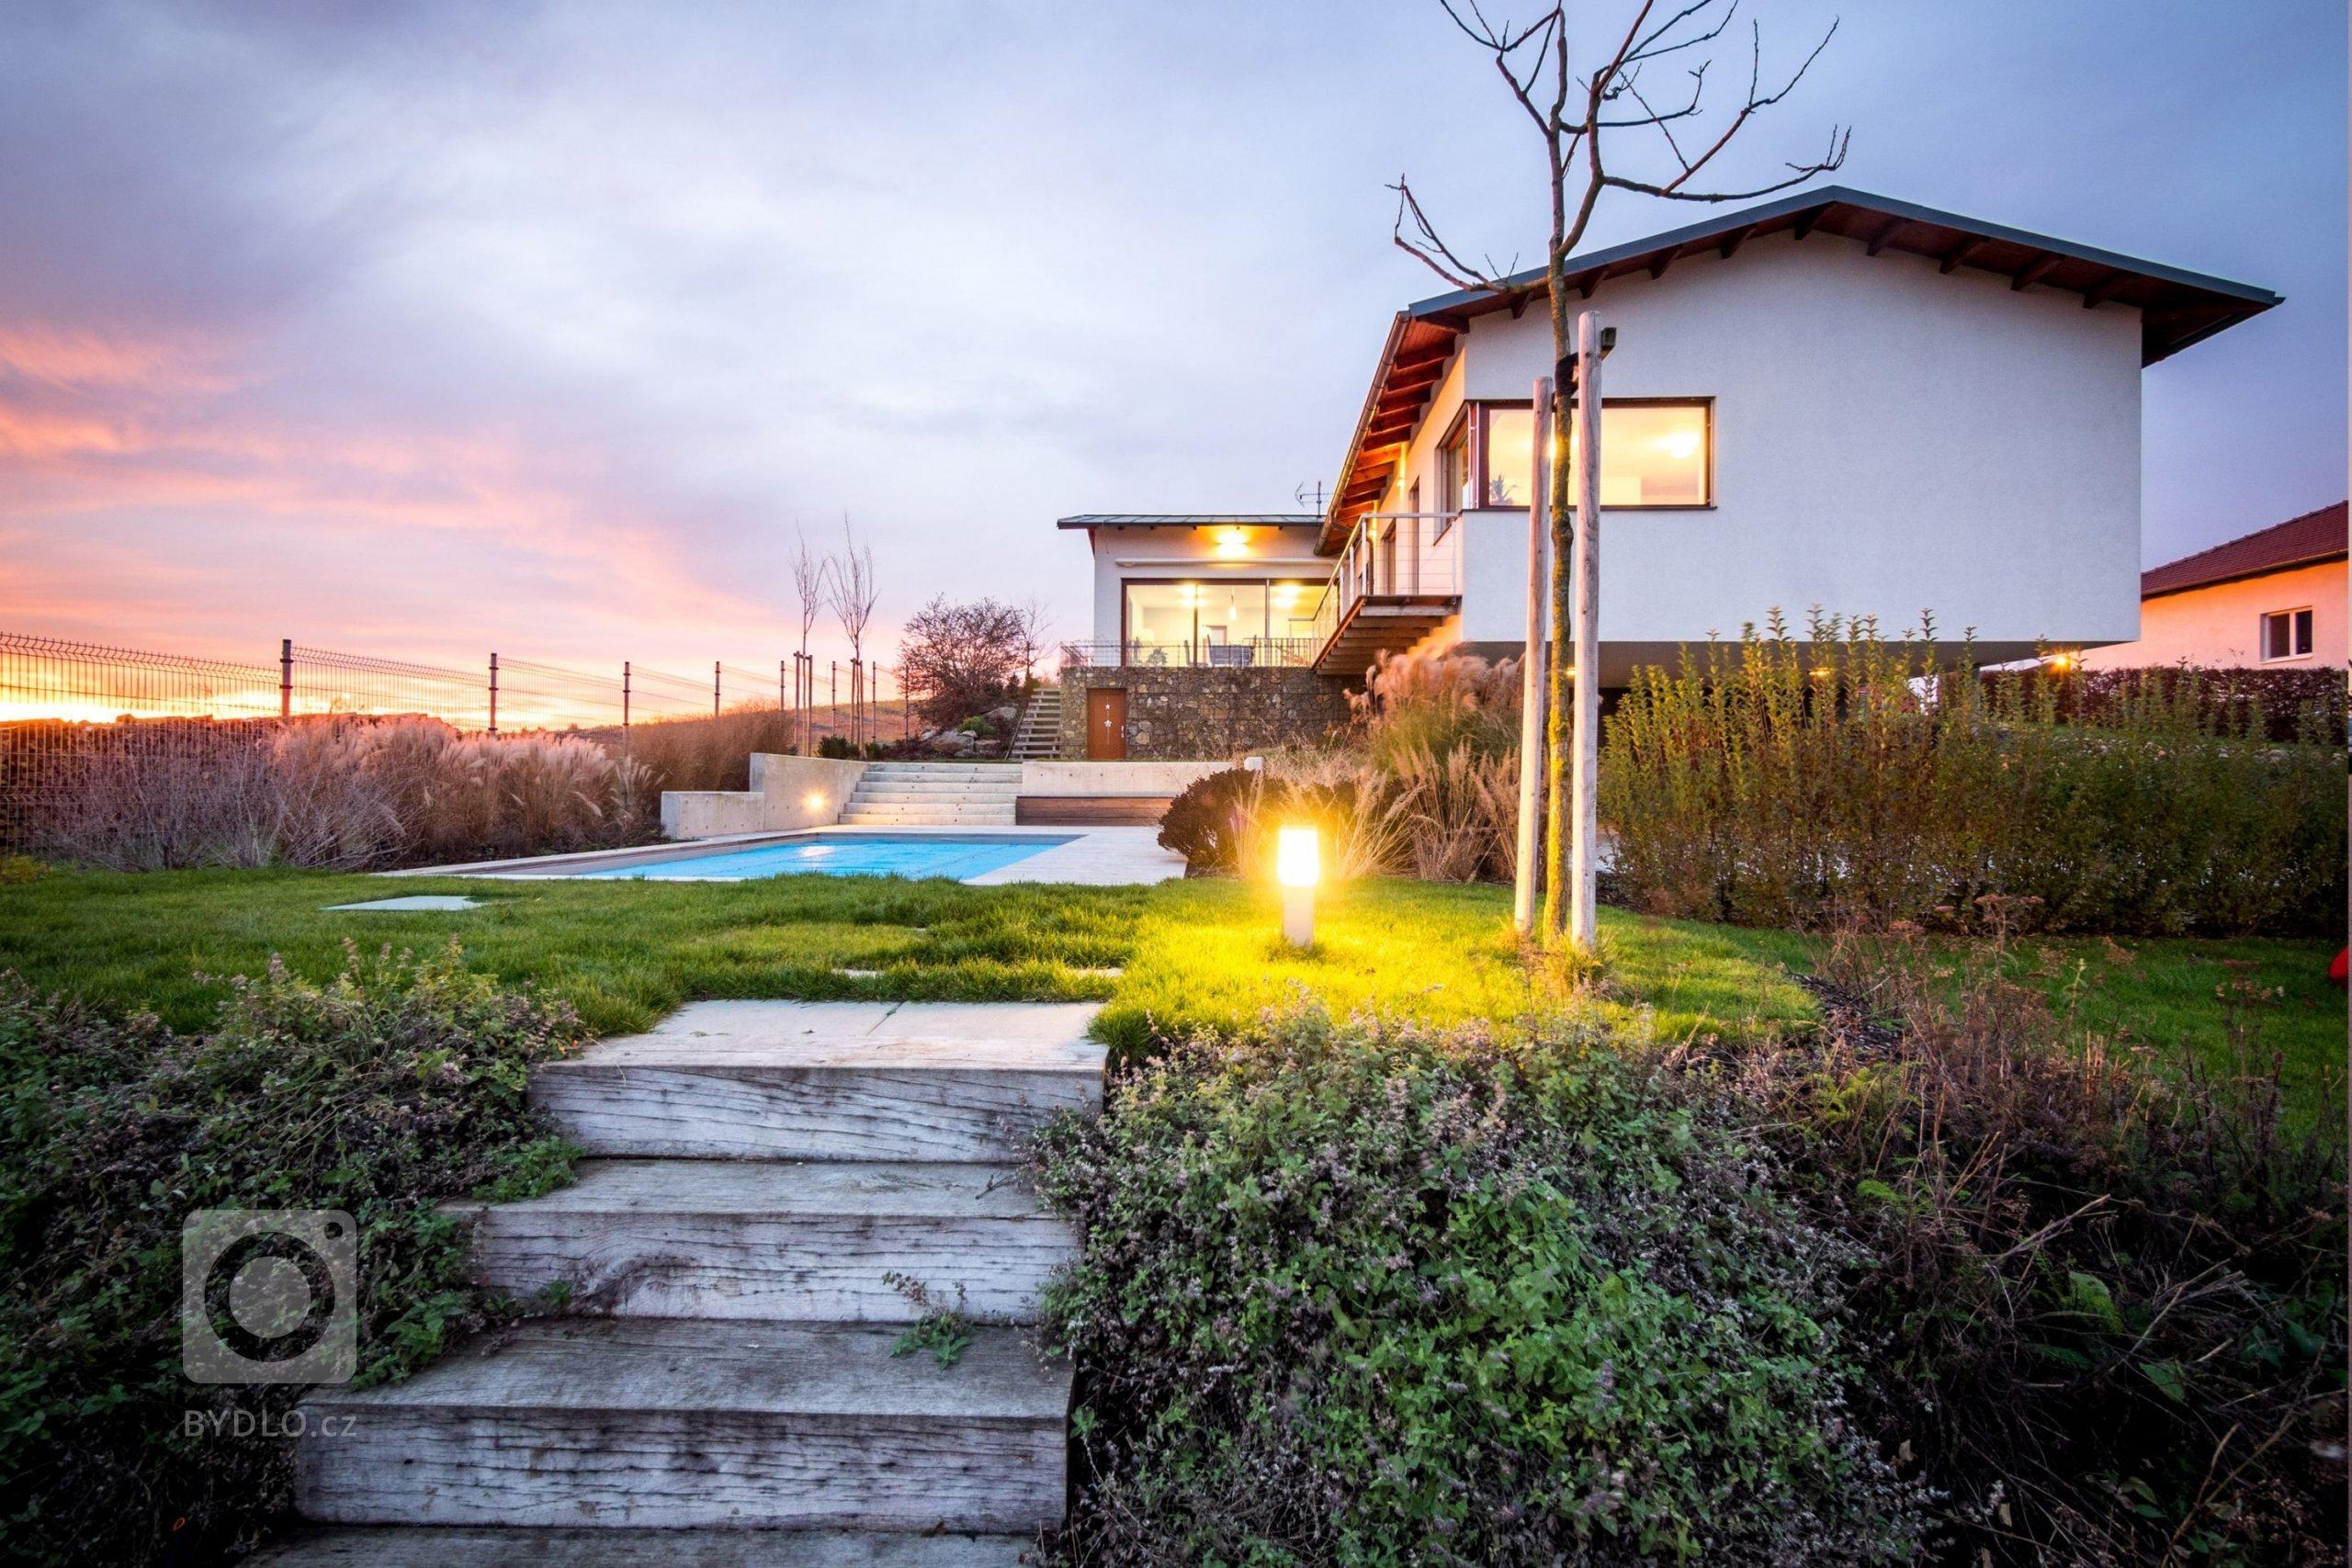 Byt nebo dům, co je lepší?